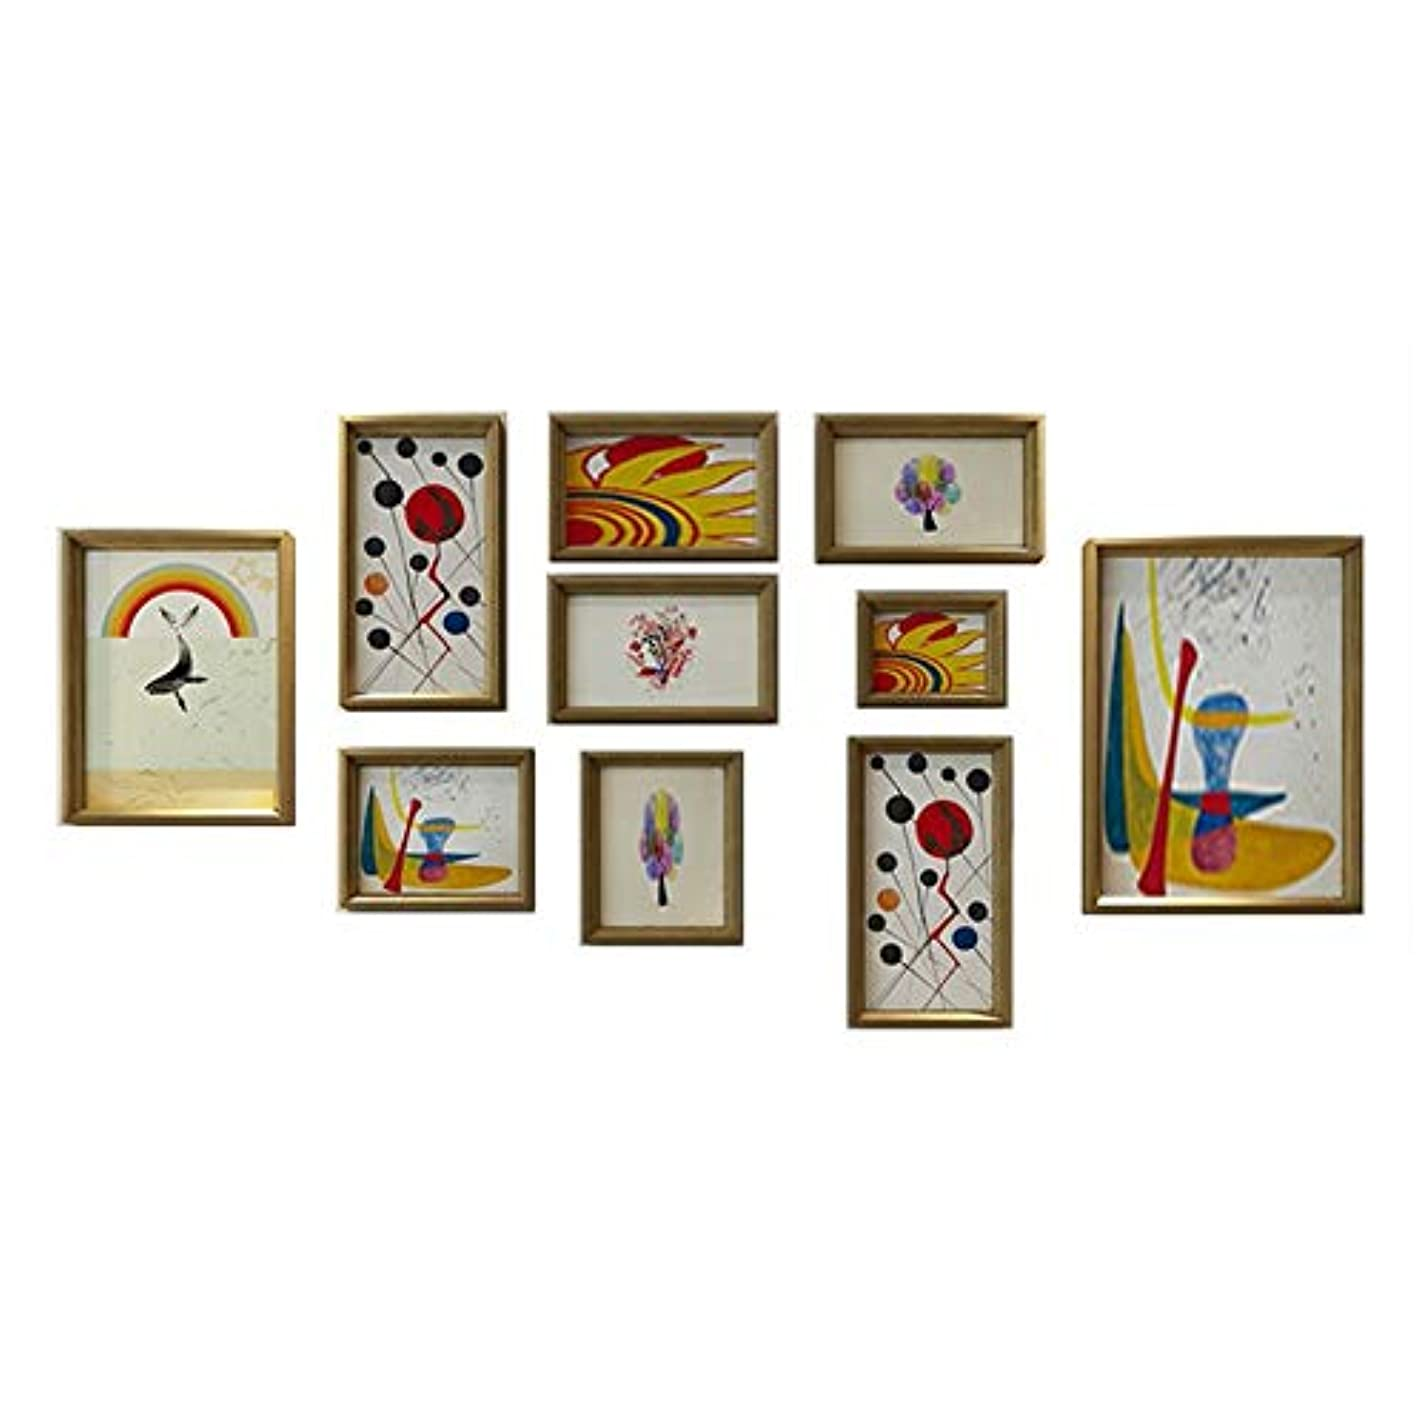 ジャンク日没クルーズ多相写真壁、現代のホワイエ装飾絵画ステッチ、10のdiyフォトフレーム(200 * 93 cm)パック、2色オプション yumingjingxiao1-11.5